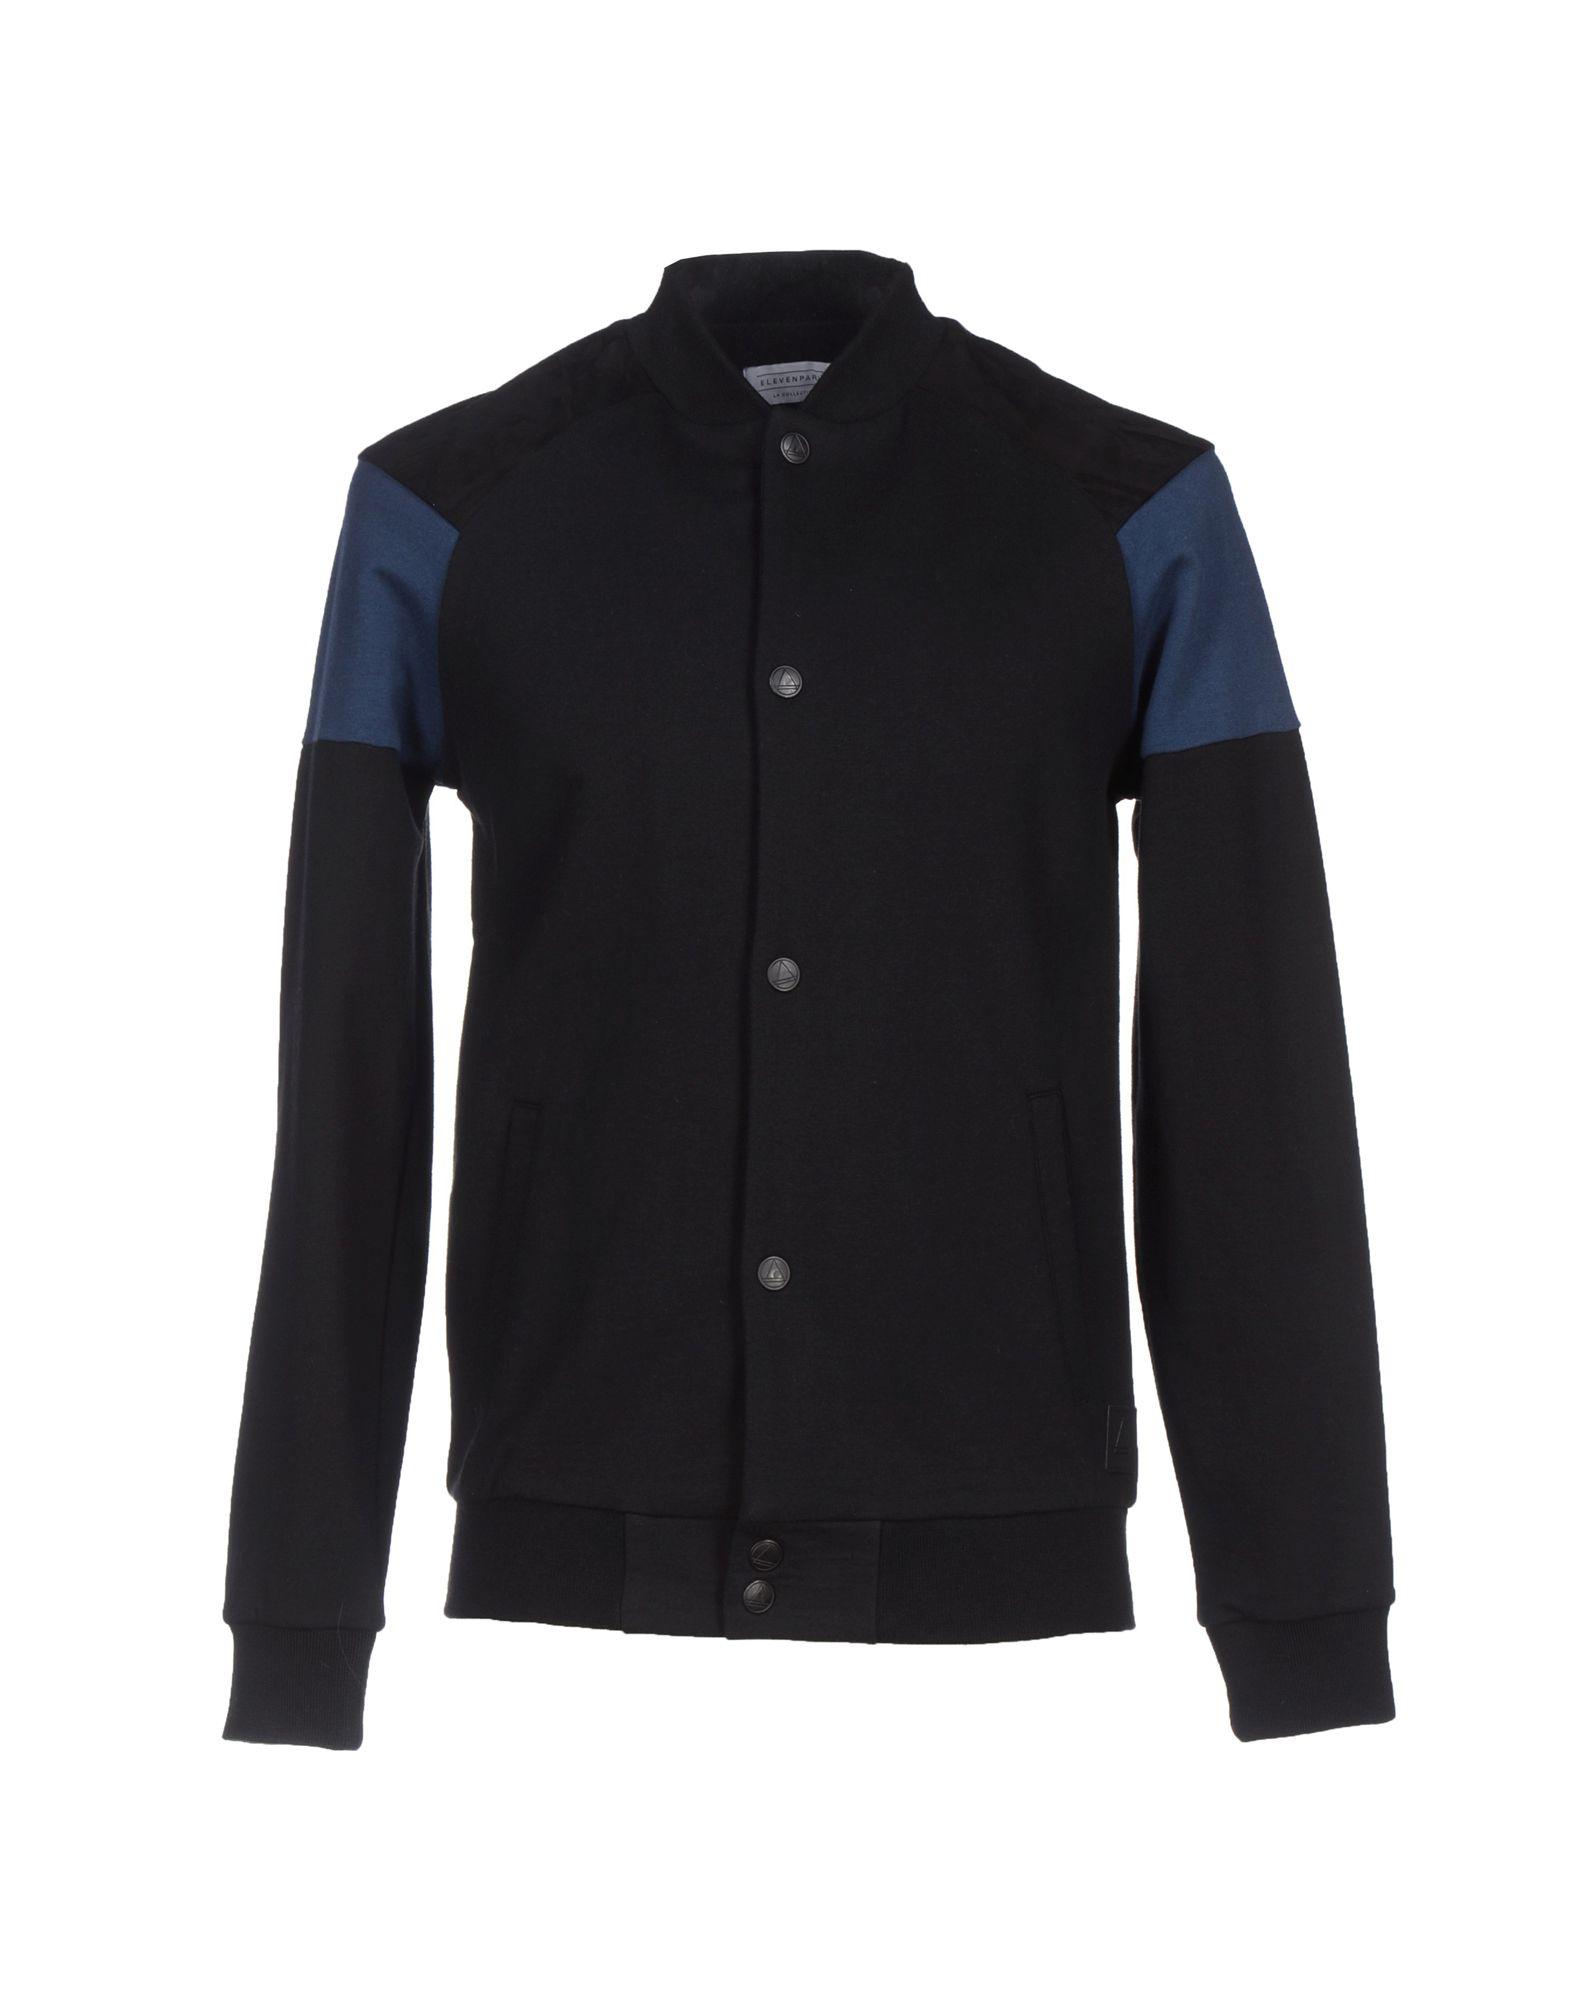 Lyst Eleven Paris Sweatshirt In Black For Men